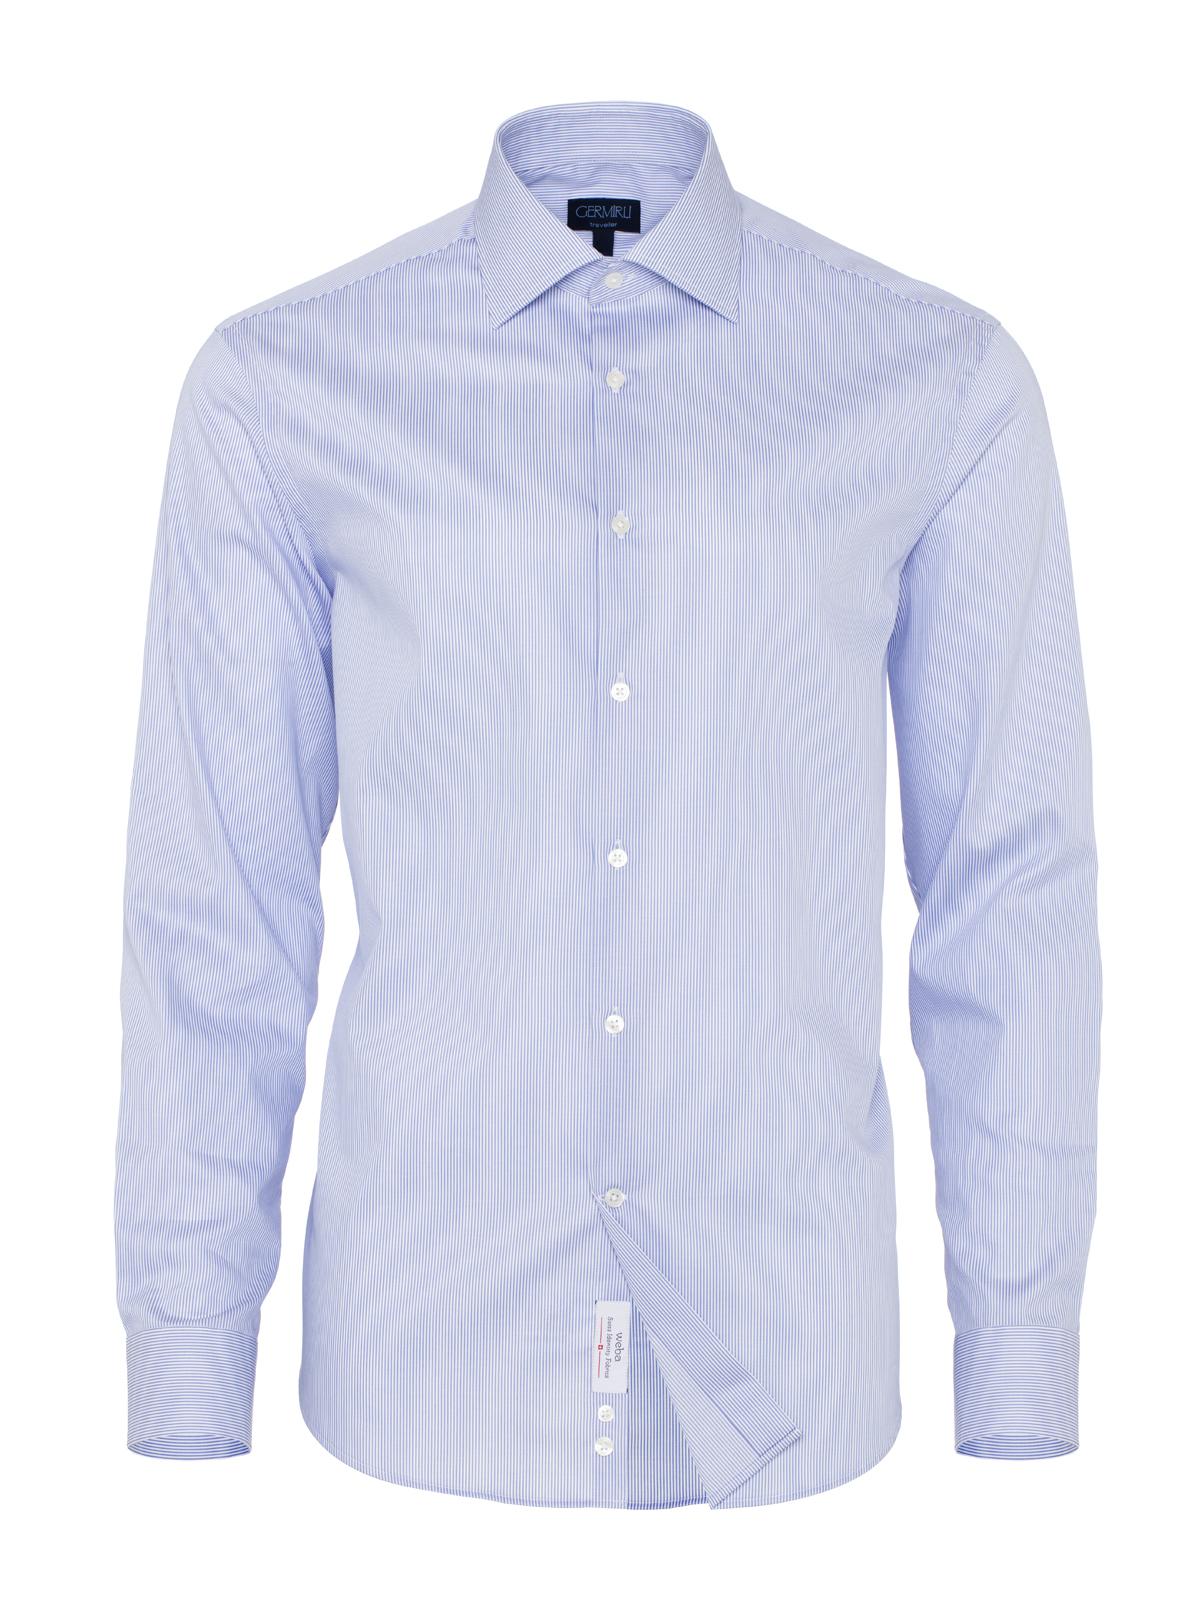 Germirli Non Iron Mavi Beyaz Çizgili Klasik Yaka Tailor Fit Swiss Cotton Gömlek